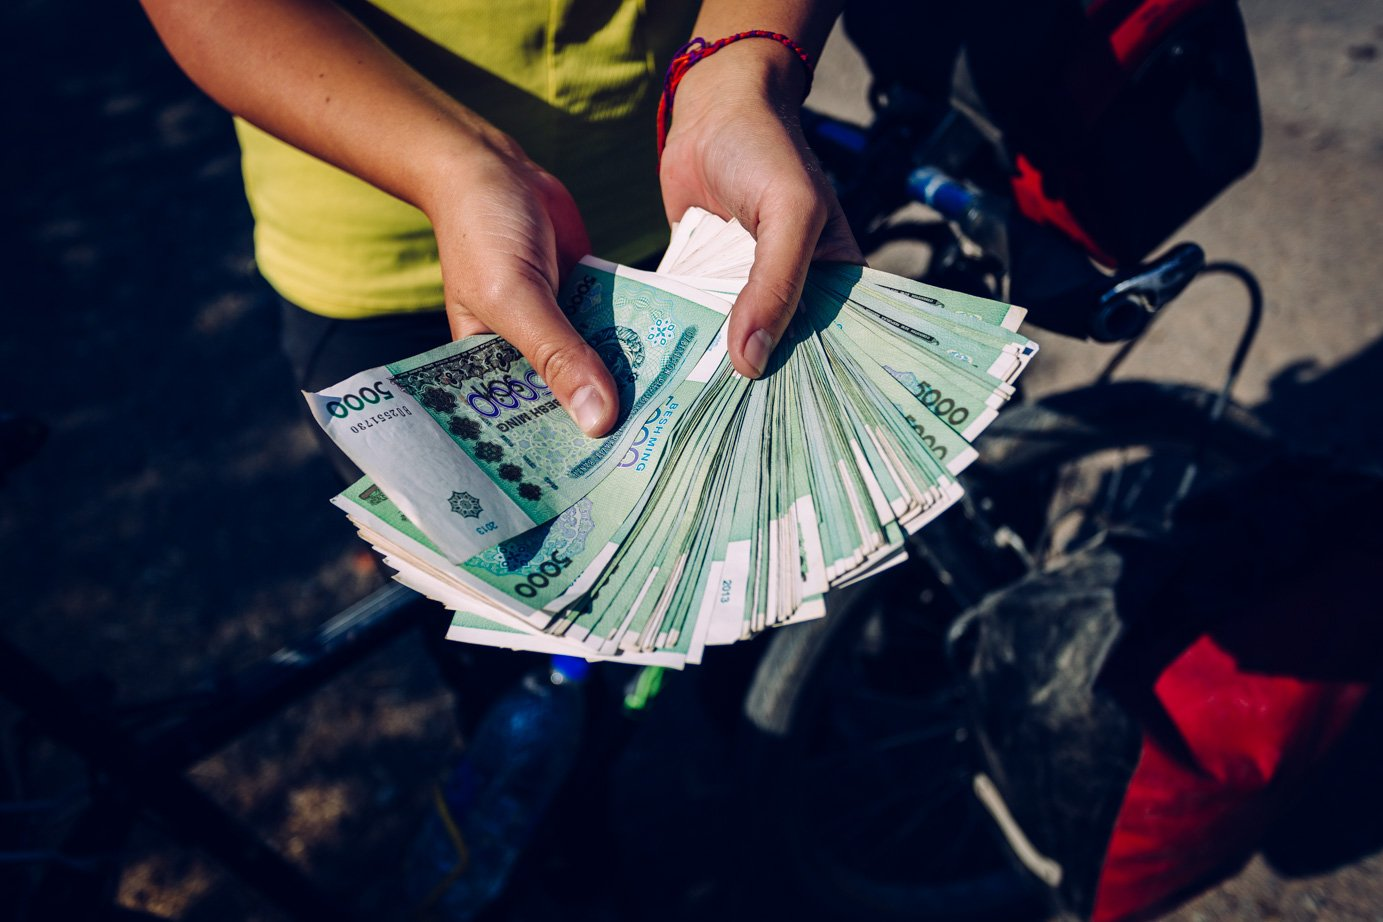 Pieniądze wUzbekistanie towogóle osobny temat. Zajednego dolara woficjalnym obiegu można dostać 3000 somów, zato ucinkciarza naczarnym rynku już ponad 6 tysięcy. Każdy wymienia więc walutę wpodziemiu, zresztą ku niememu przyzwoleniu rządu.